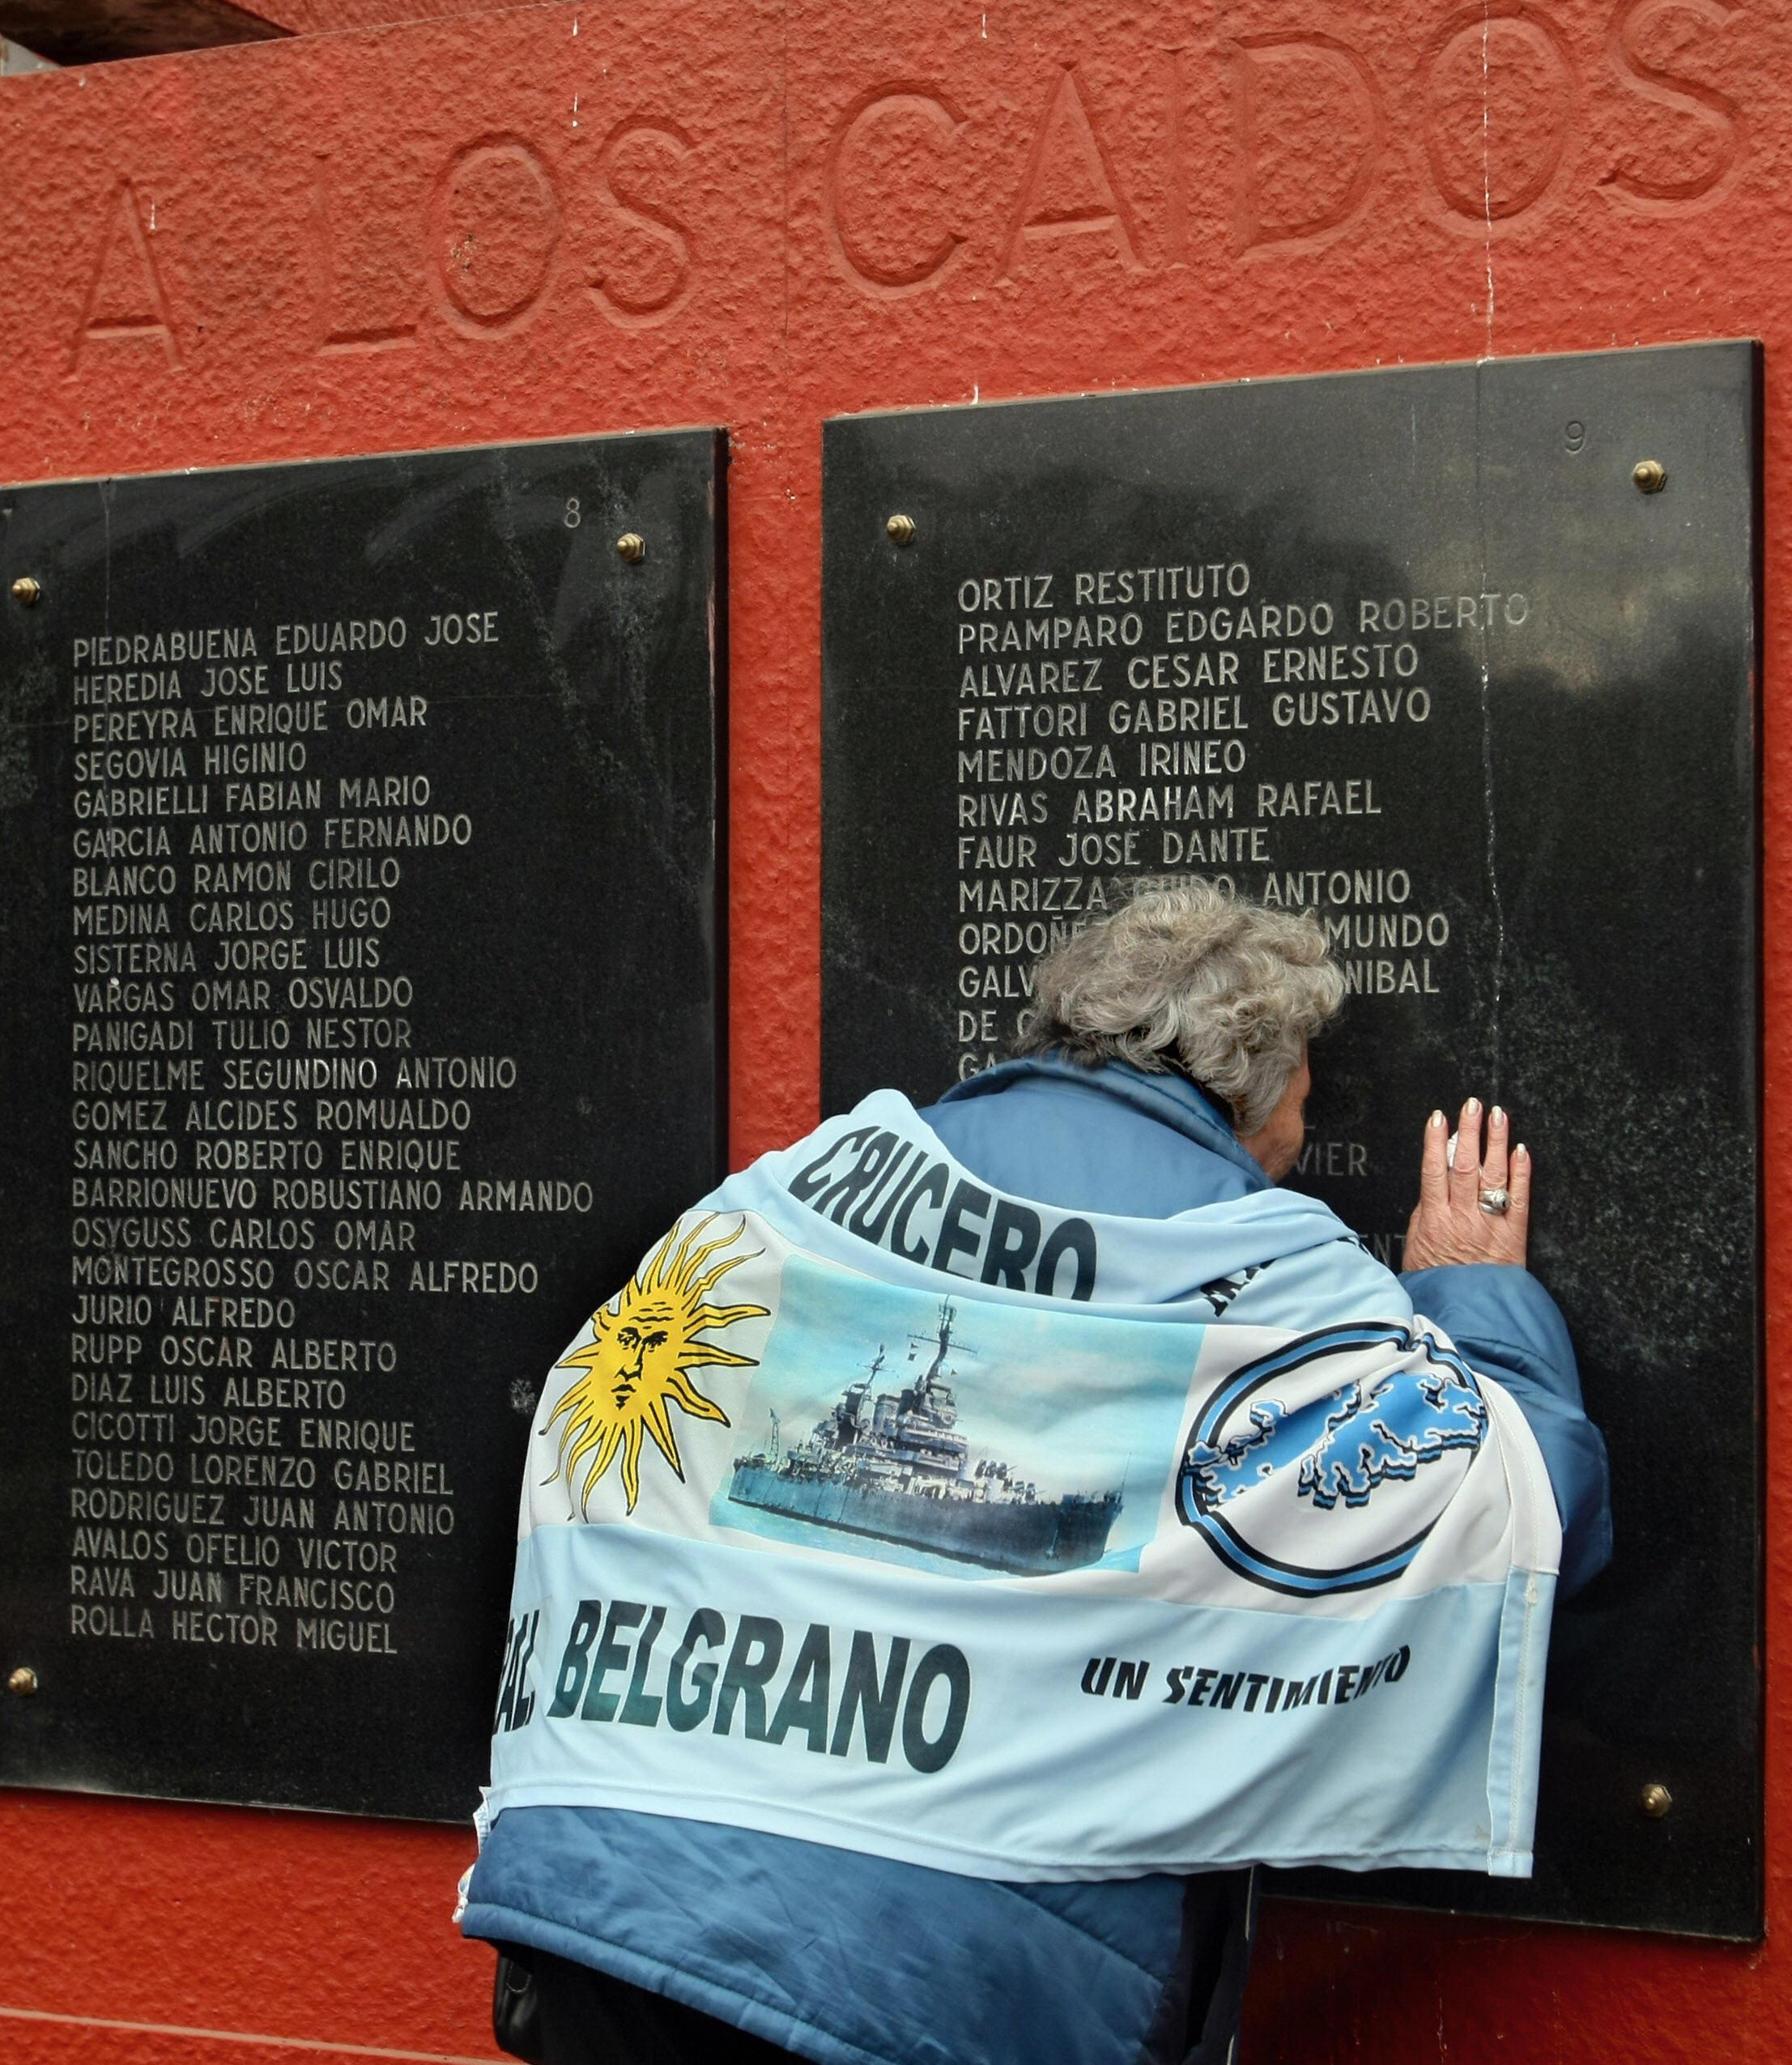 Belgrano memorial